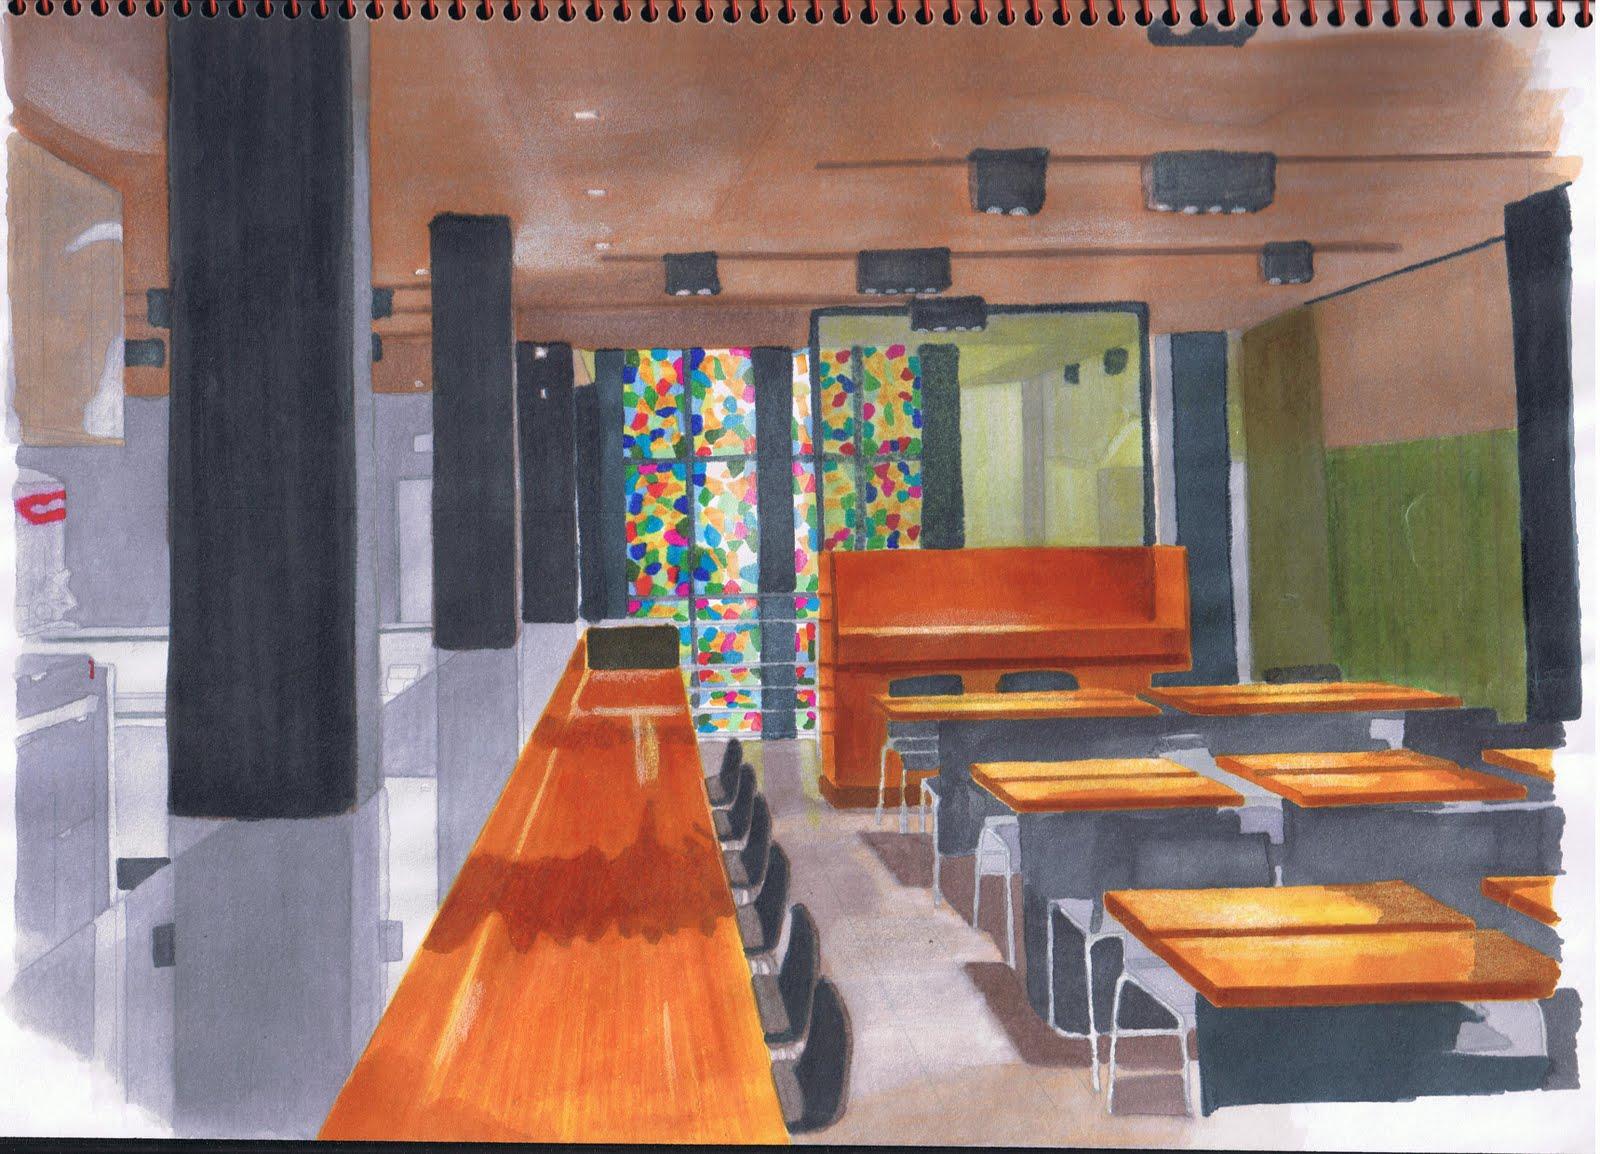 Arquitecto de interiores interior designer bocetos sketches - Arquitecto de interiores ...